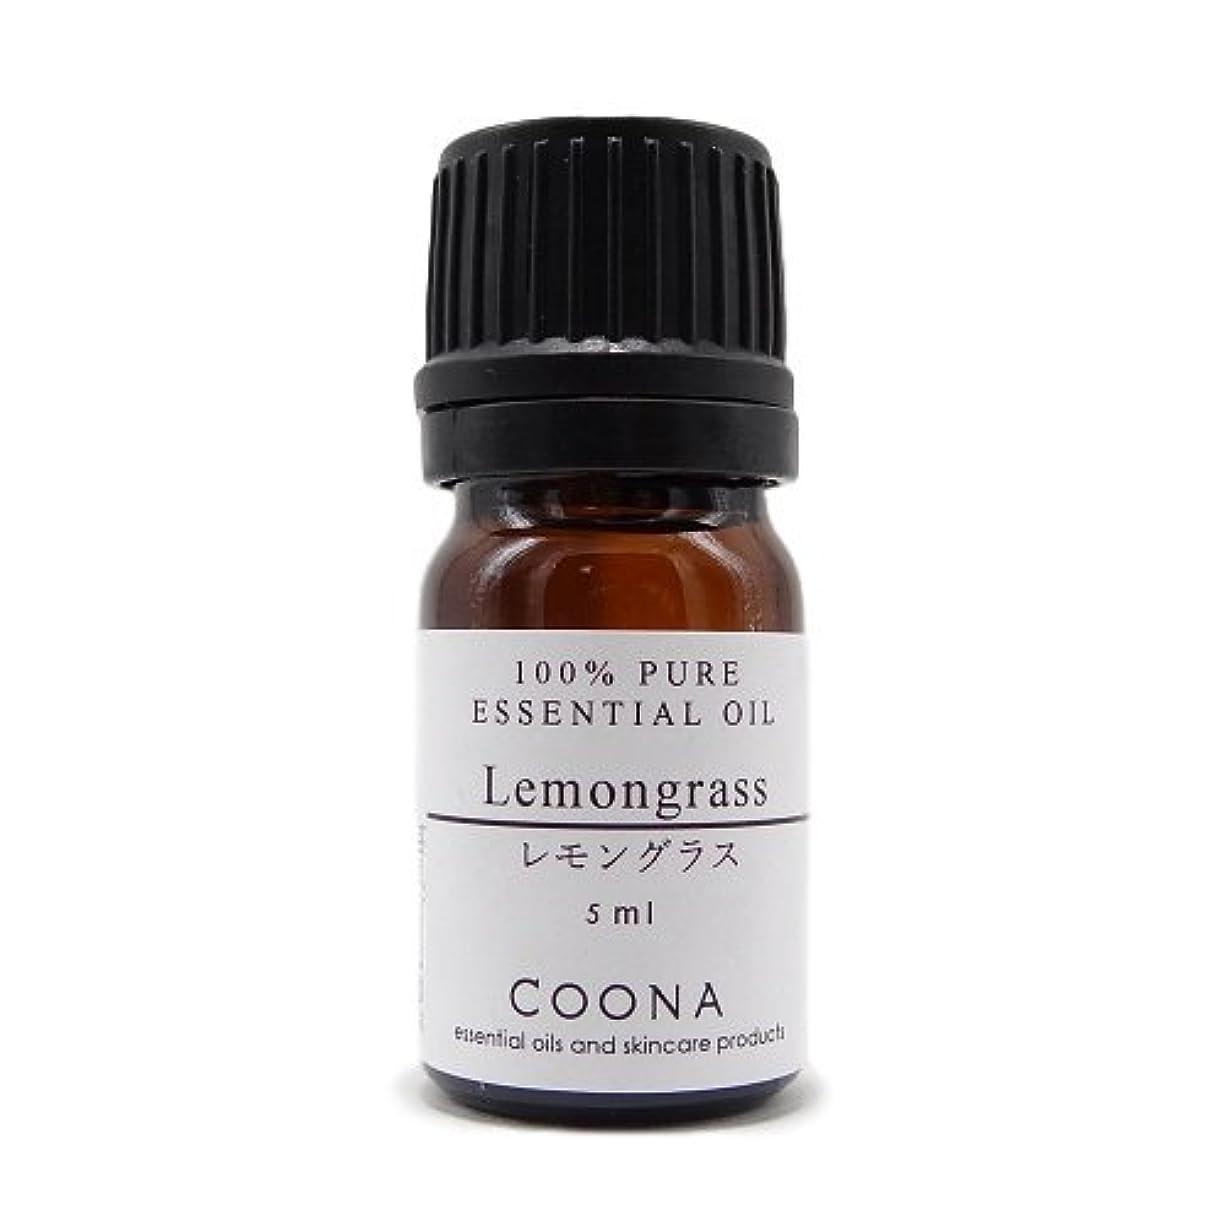 愛撫操作自宅でレモングラス 5ml (COONA エッセンシャルオイル アロマオイル 100%天然植物精油)